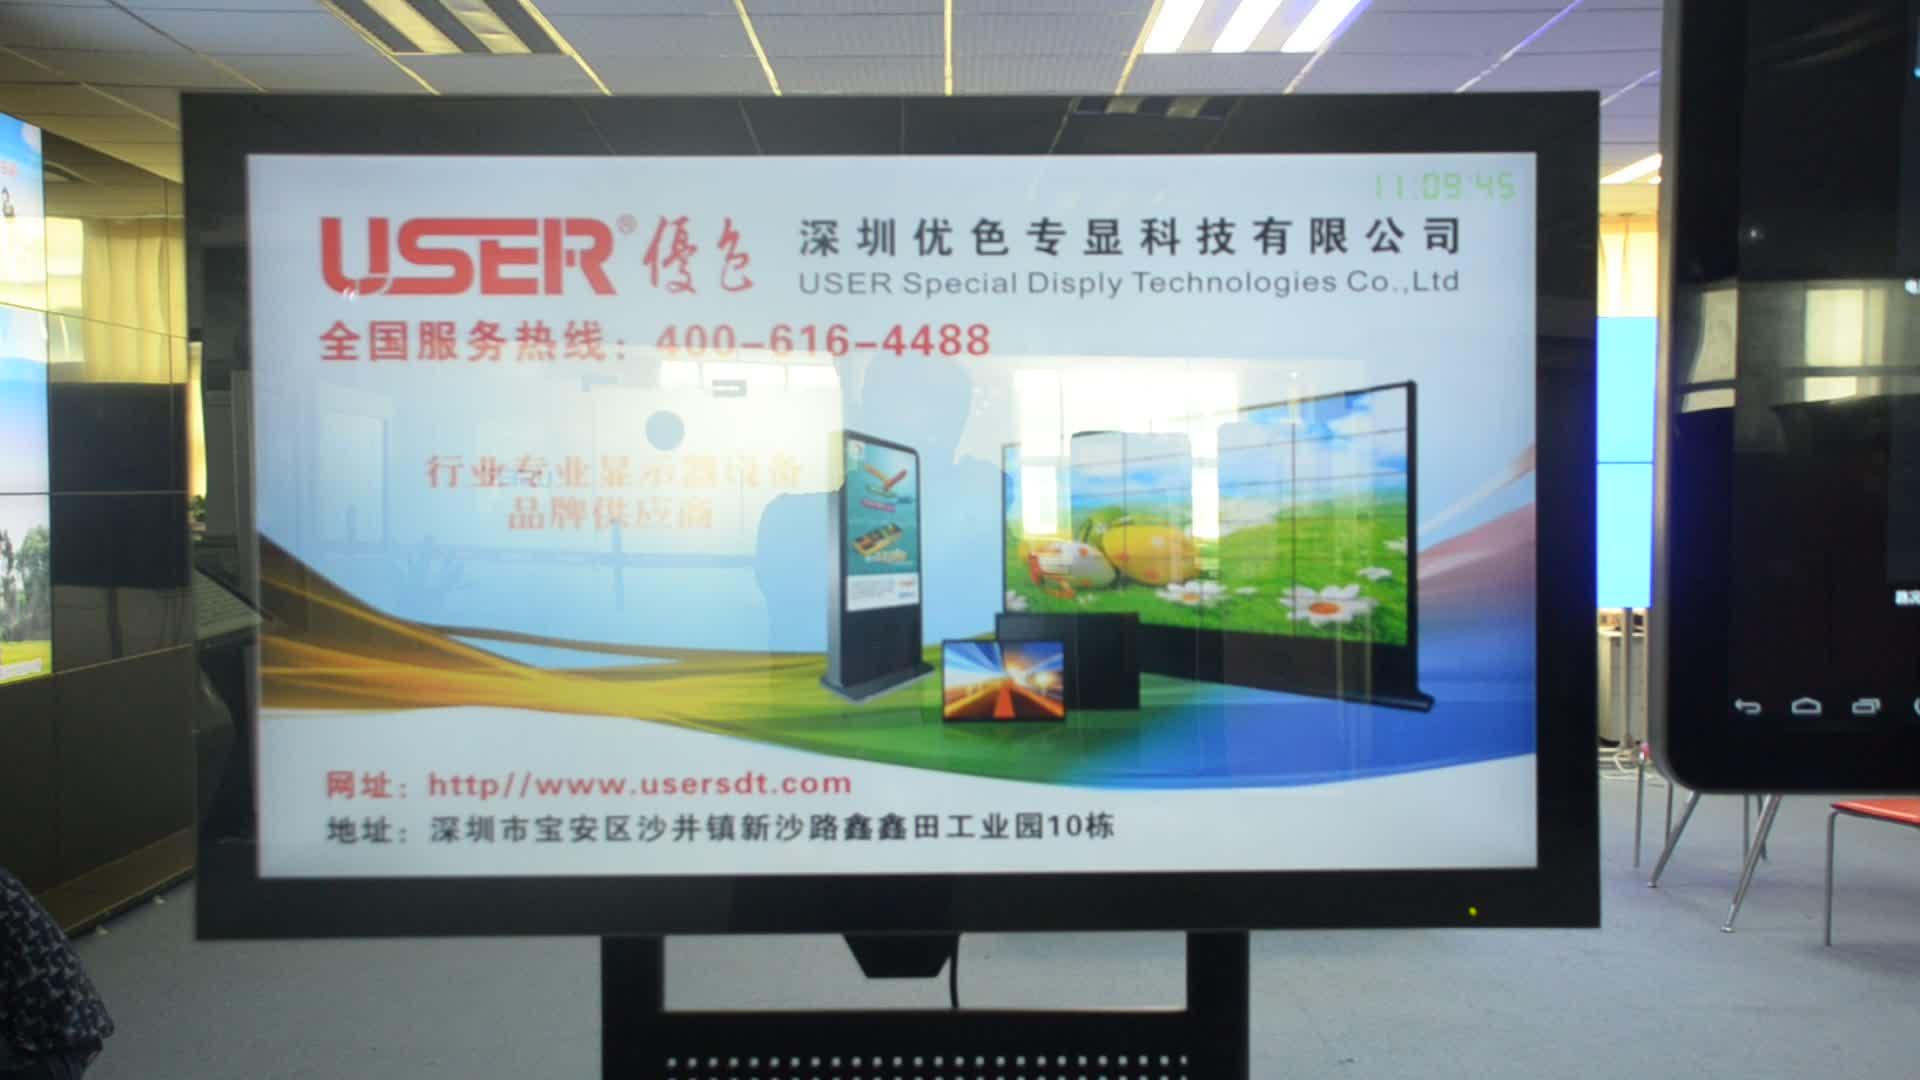 फैक्टरी 55''65''84'' HD स्मार्ट बोर्ड अवरक्त इंटरैक्टिव Whiteboard के लिए बहु-टच स्क्रीन के साथ सस्ते कीमत स्कूल शिक्षण